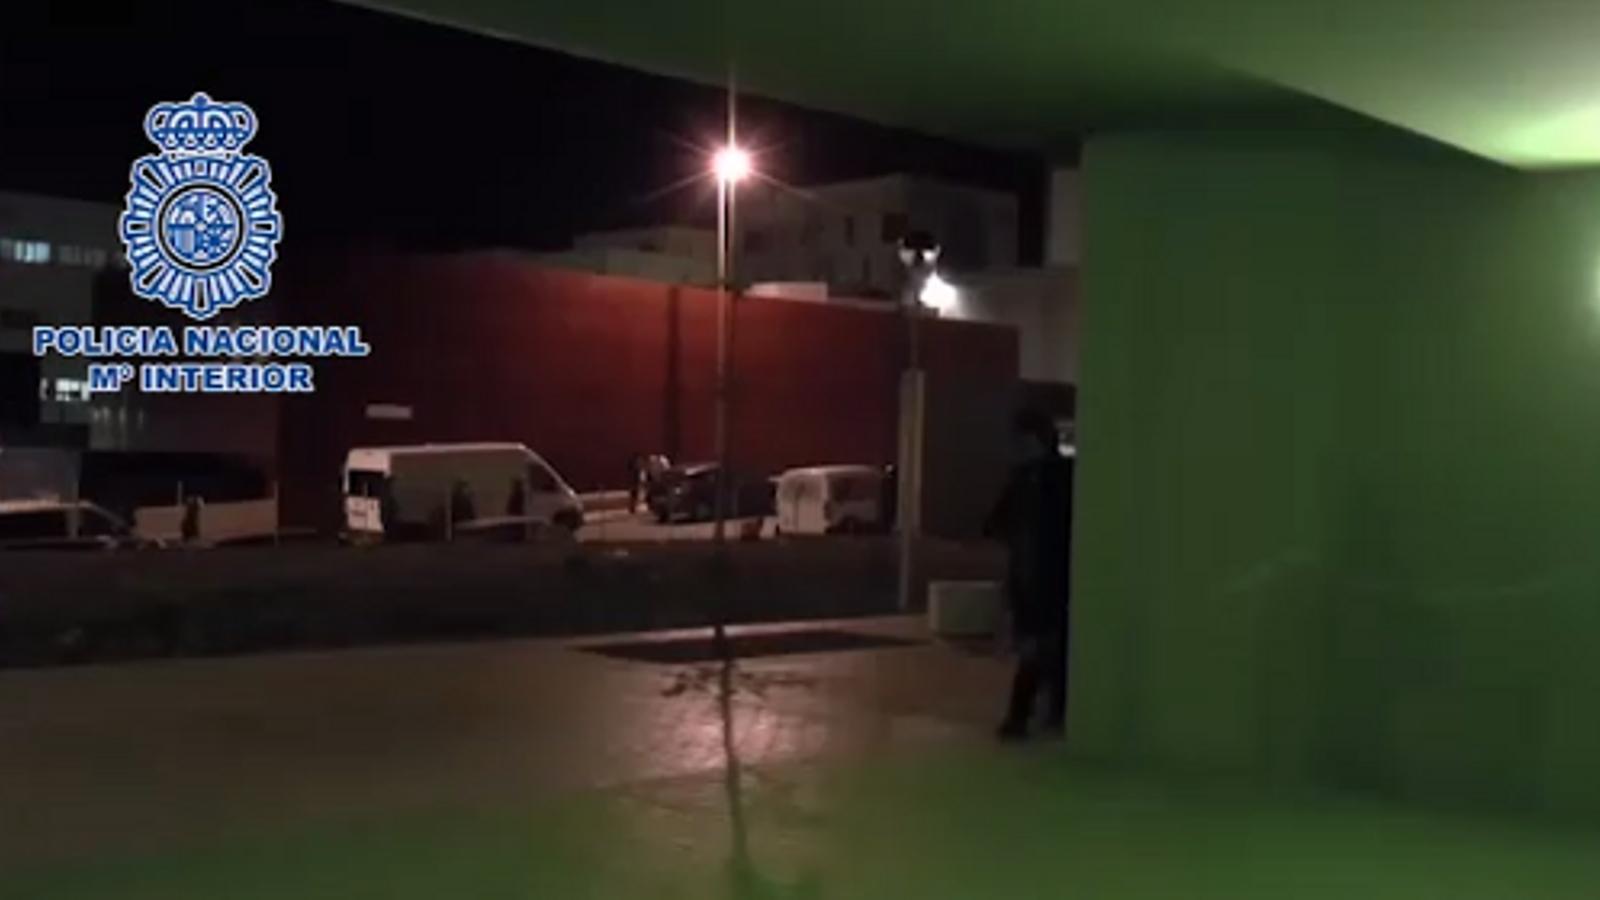 La detenció a Ceuta d'una persona vinculada amb l'Estat Islàmic